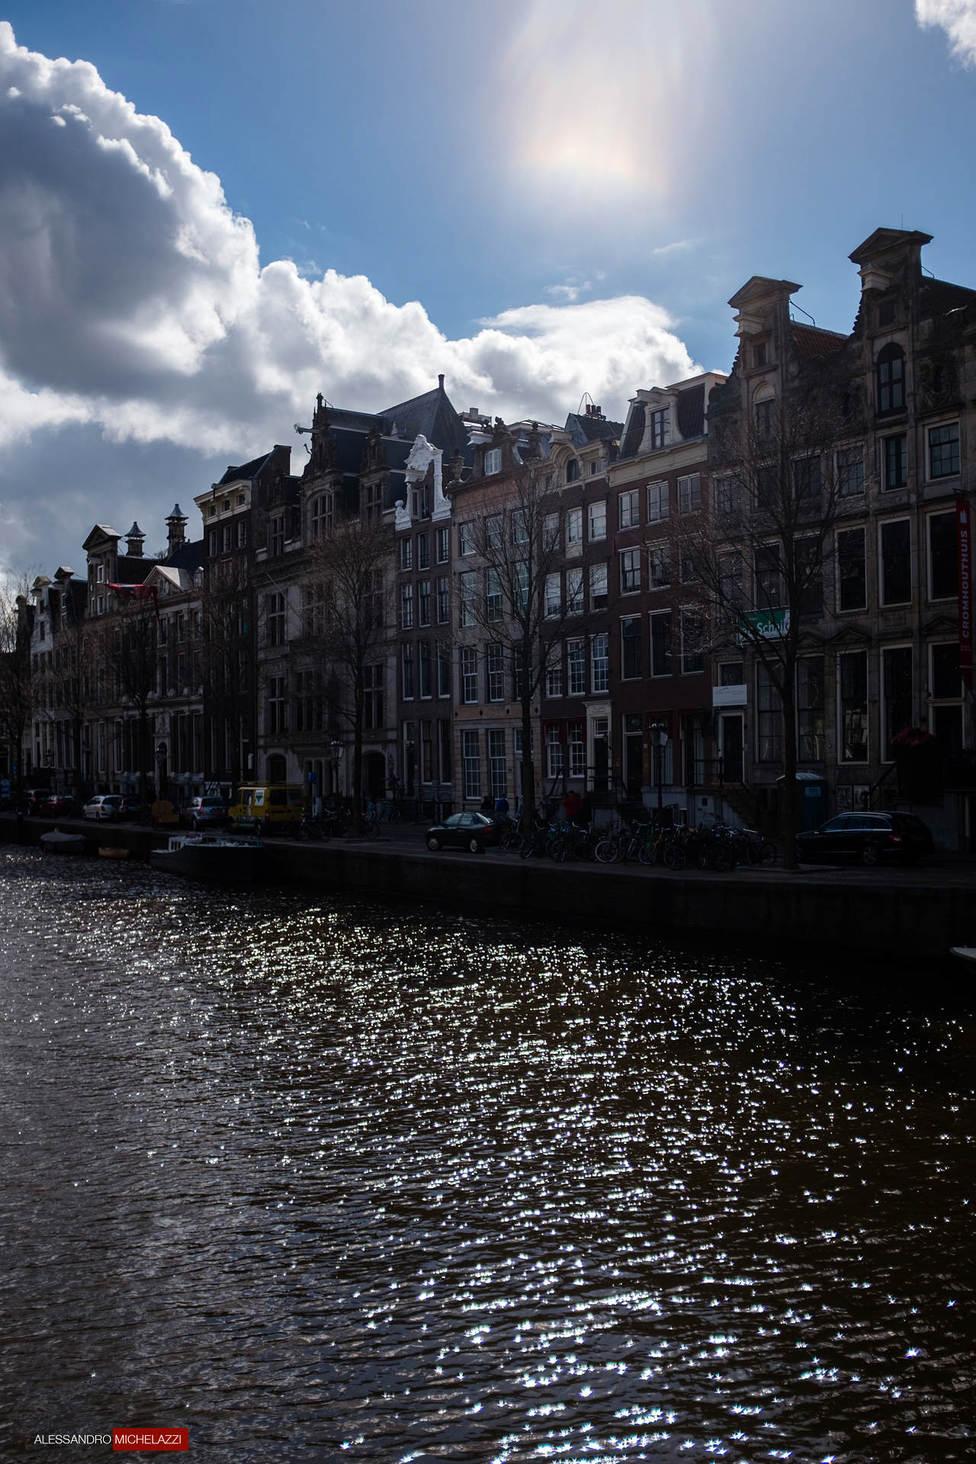 Amsterdam-Alessandro-Michelazzi-3